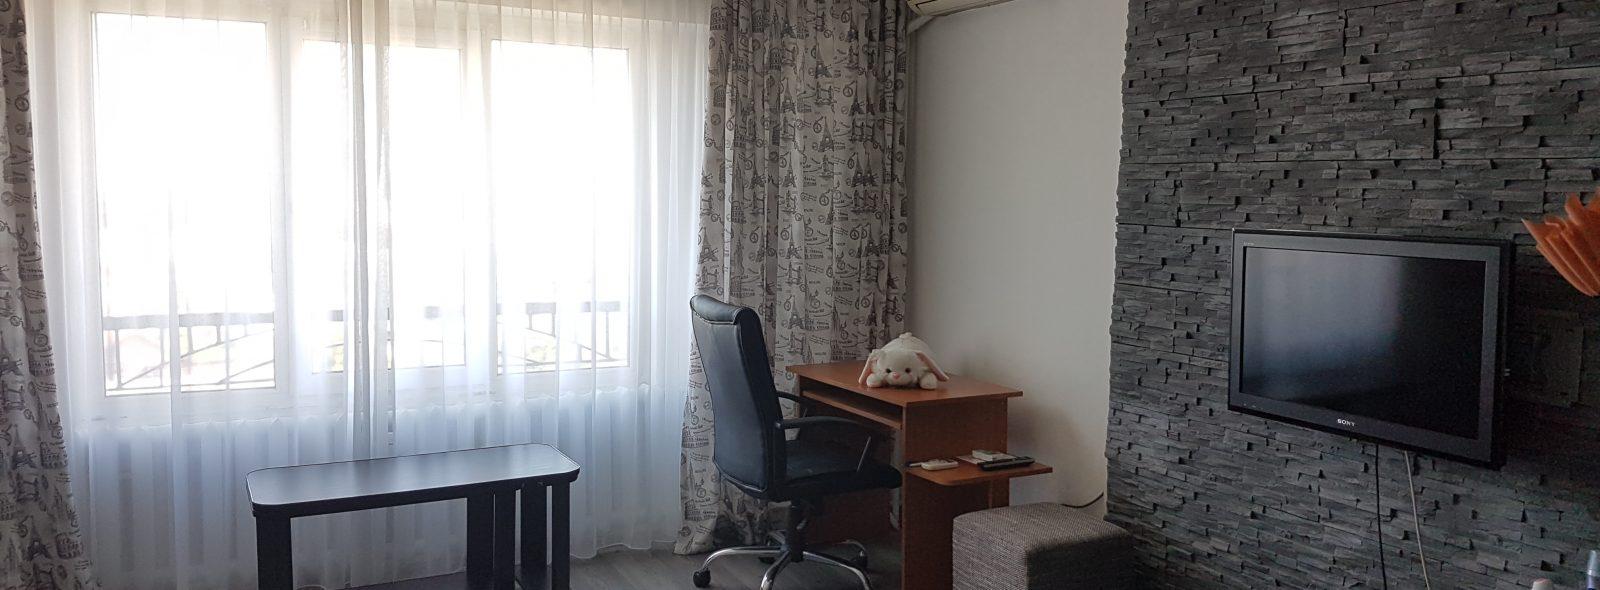 90 sqm 3 room apartment for rent, Piata Muncii, Bucharest main picture